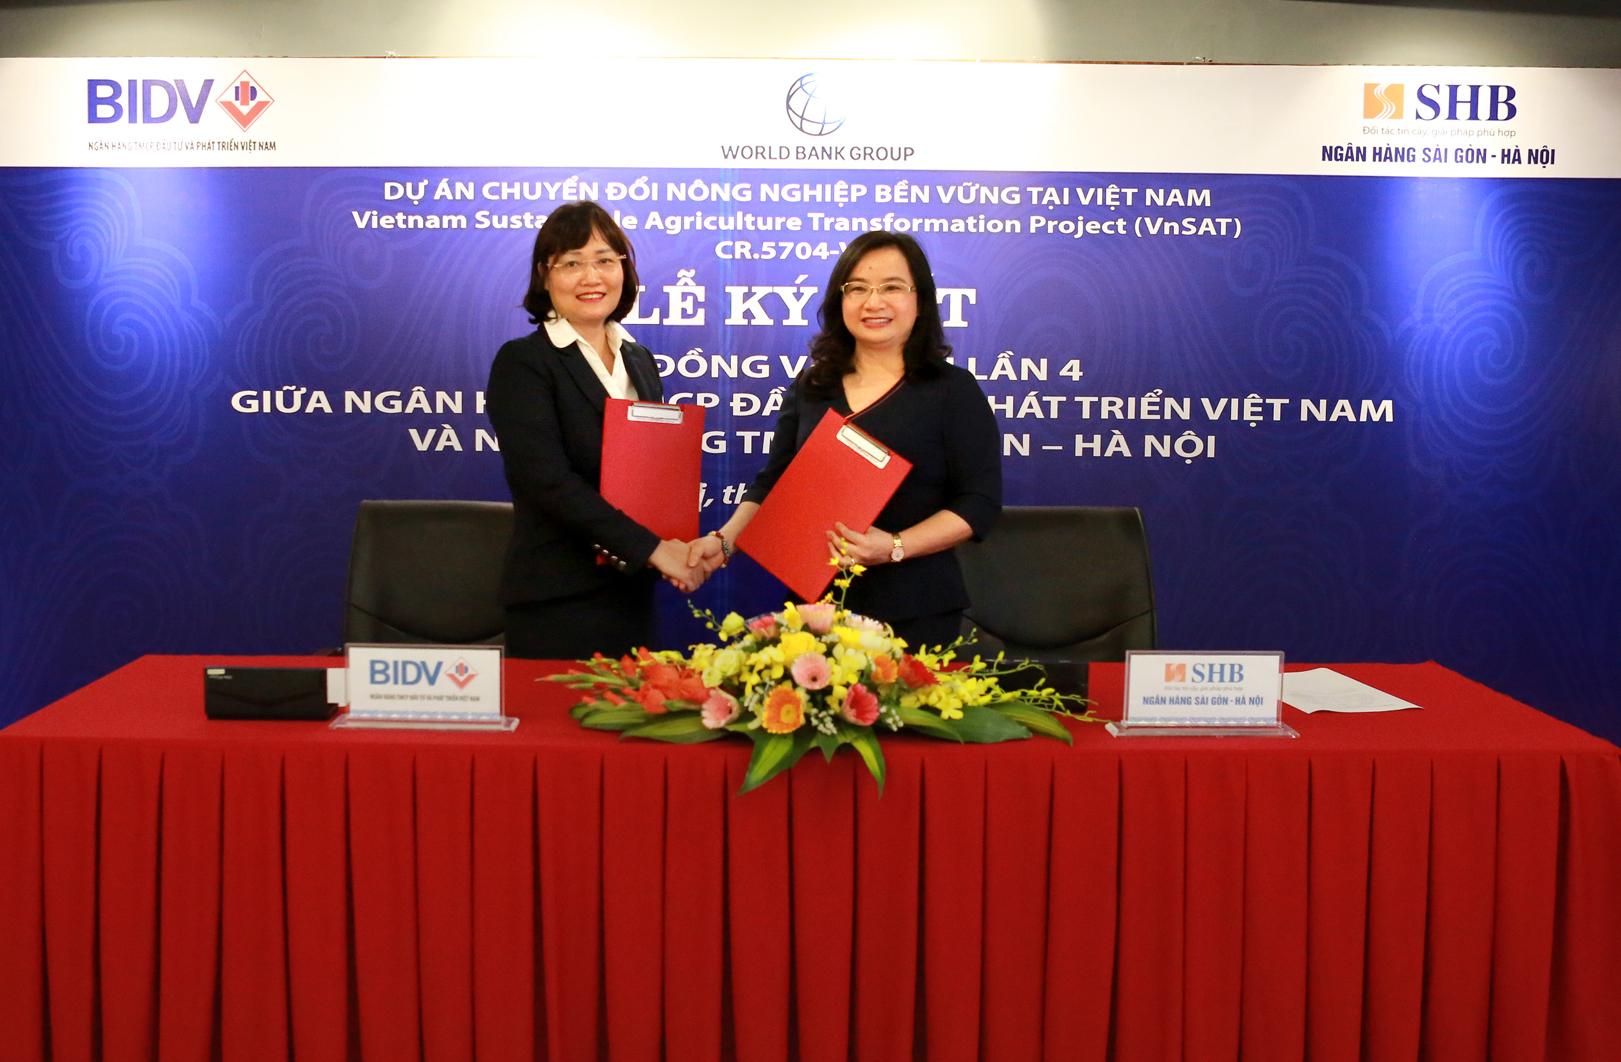 SHB đầu tư vốn đẩy mạnh phát triển kinh tế Đồng bằng sông Cửu Long  - Ảnh 1